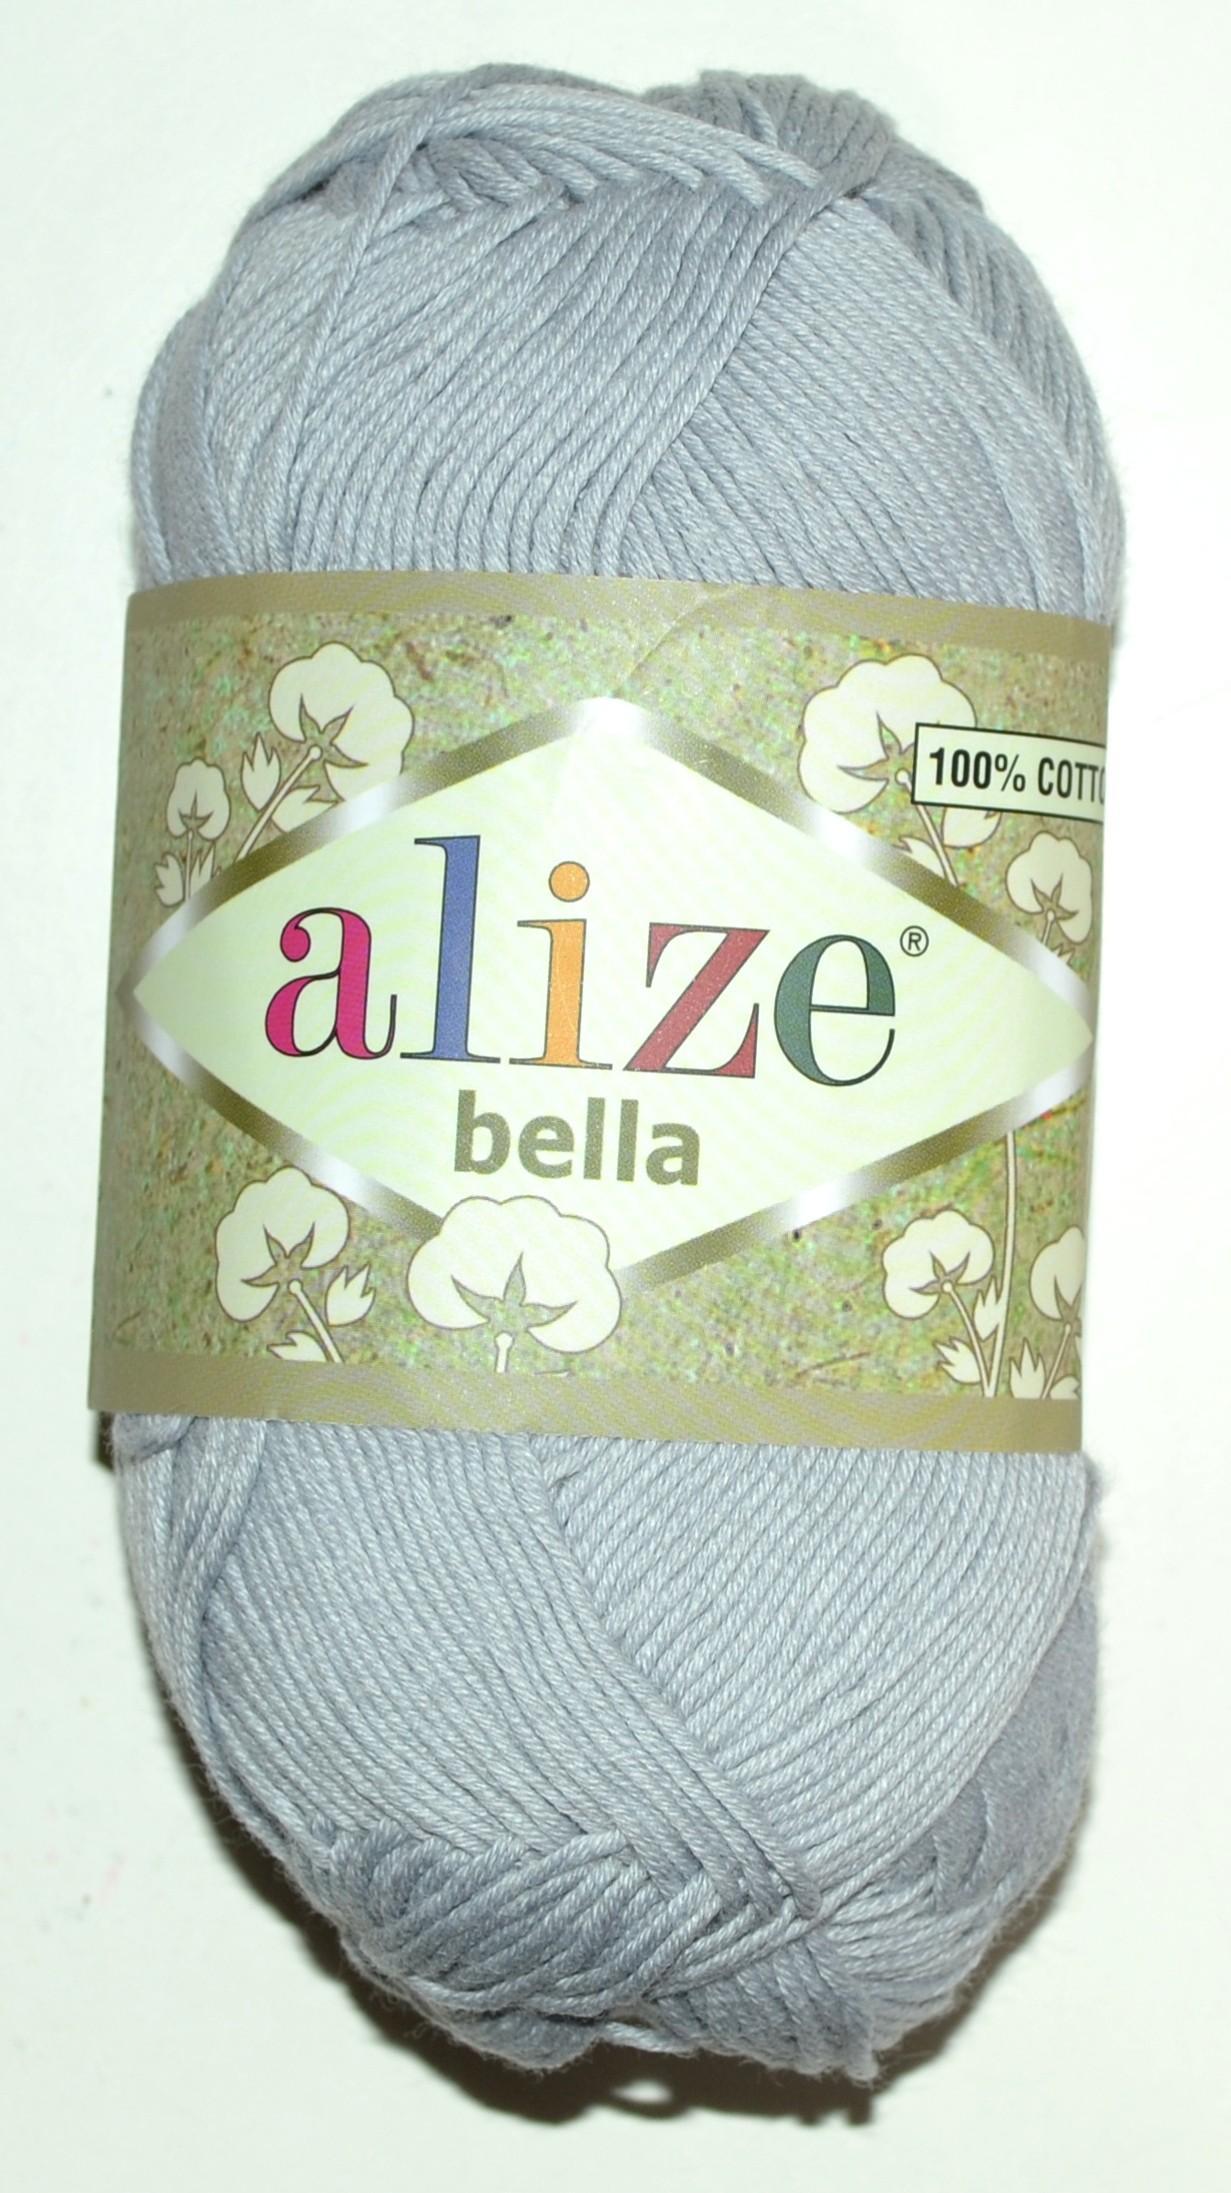 4998ecac121 Купить ПРЯЖА ALIZE BELLA светло-серый в интернет-магазине Домалетто ...